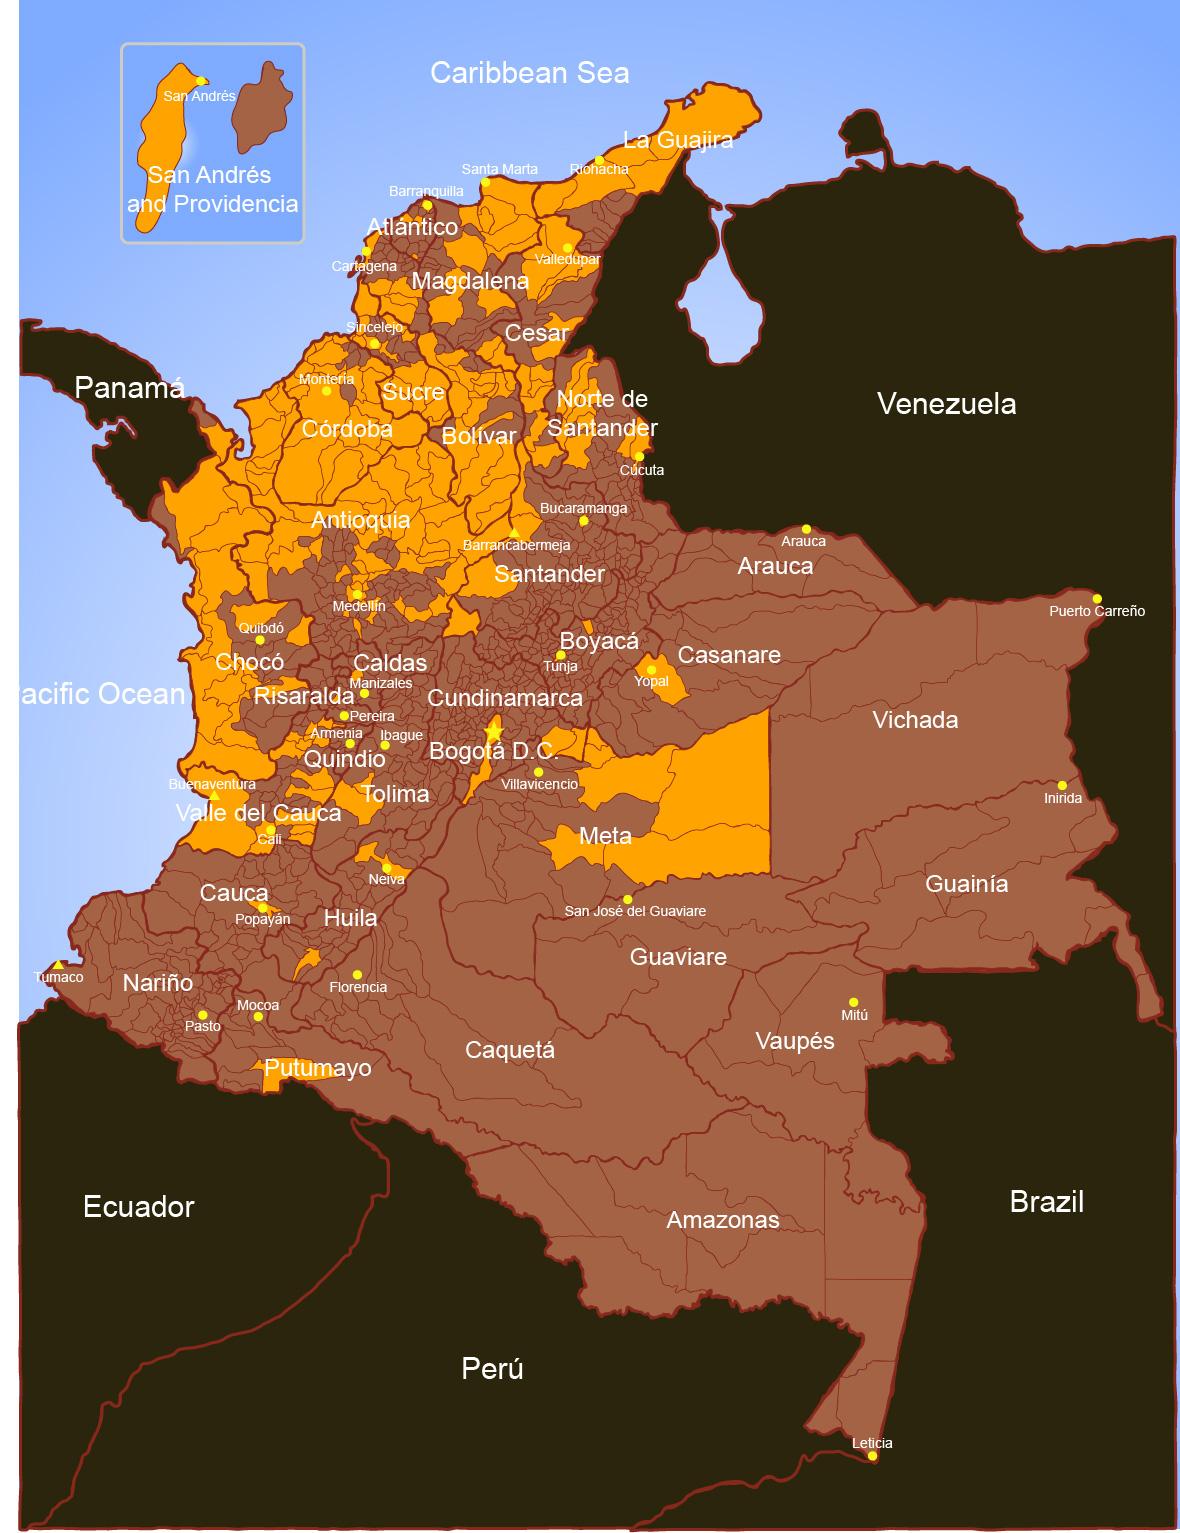 Urabenos-Areas of Influence 2012